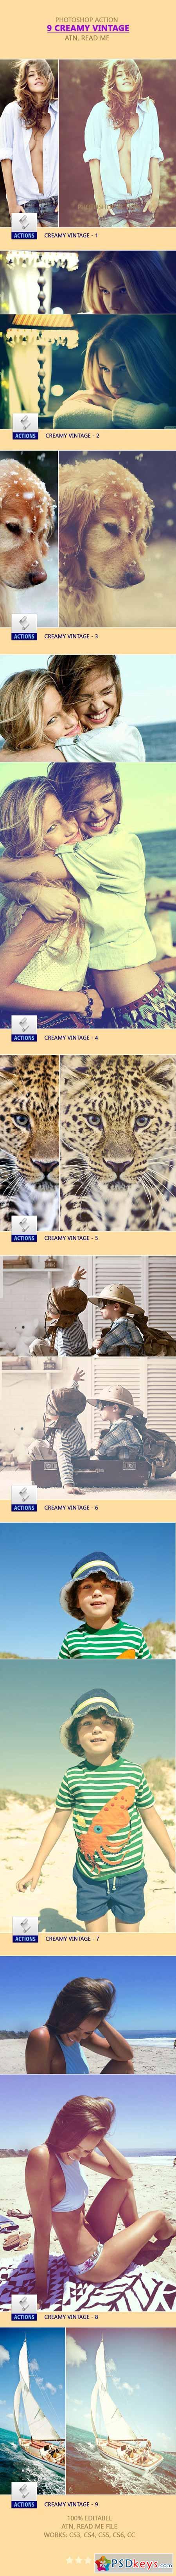 9 Creamy Vintage PS Action 11653075